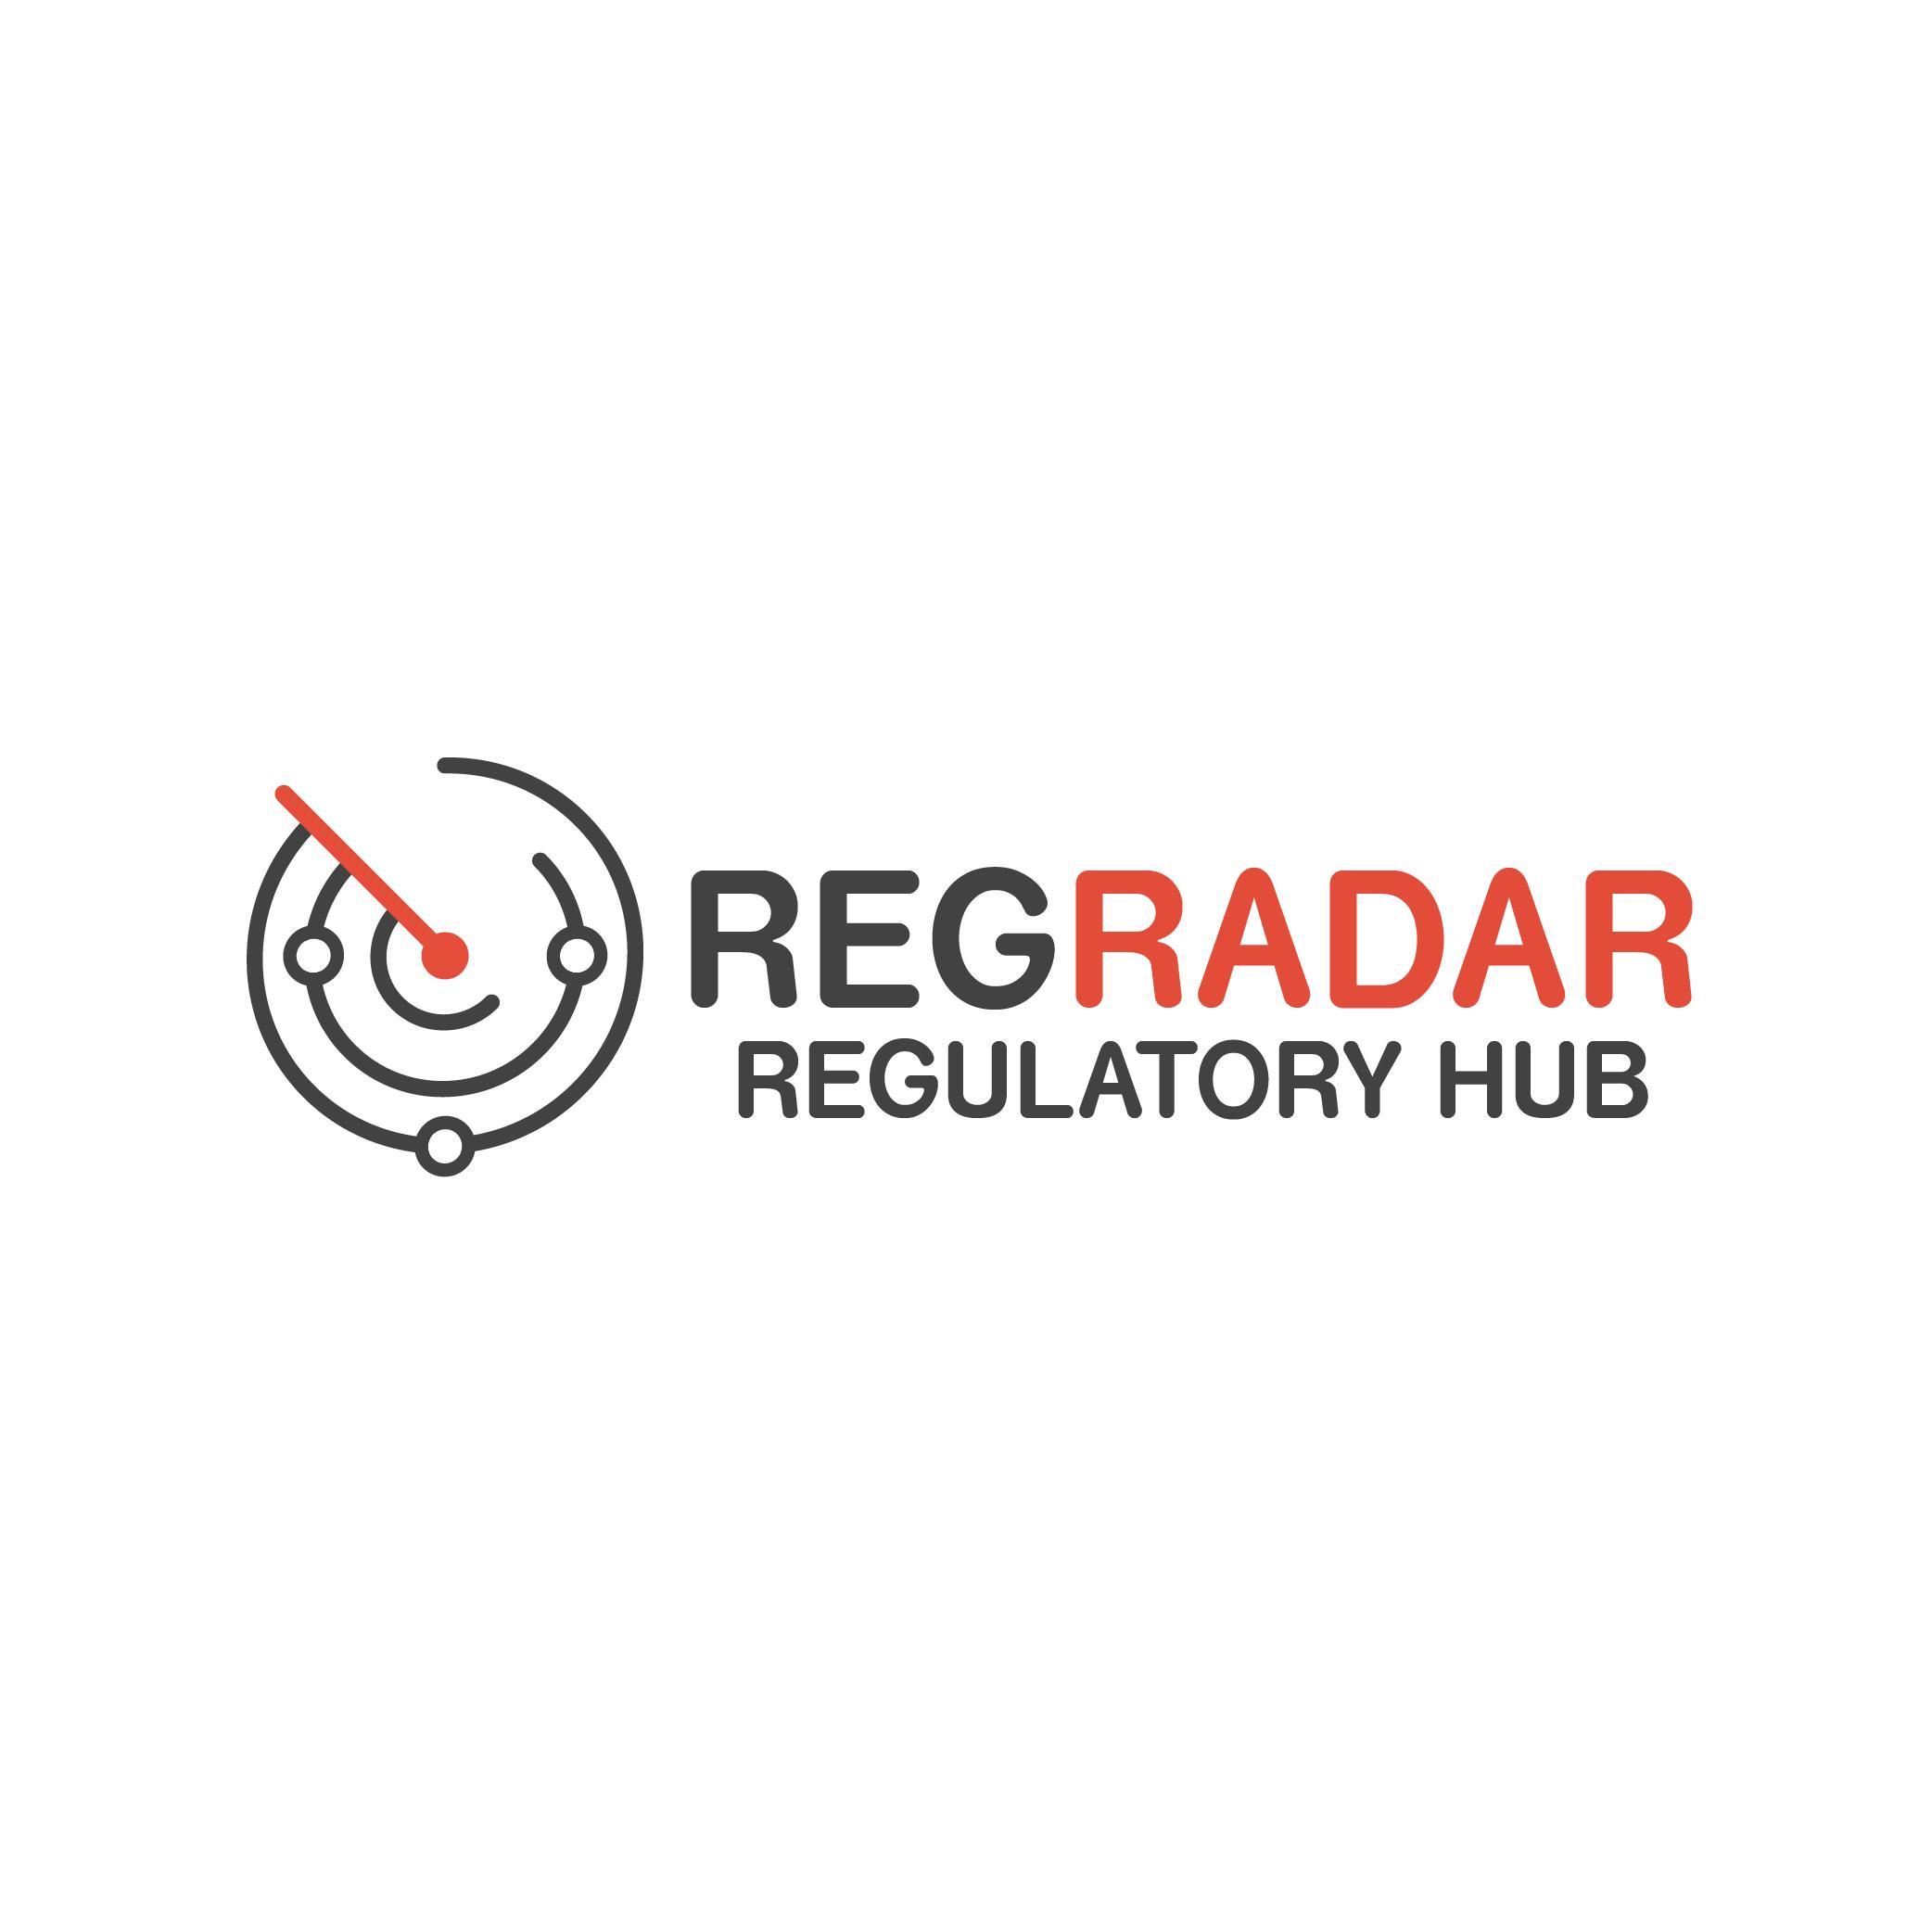 RegRadar